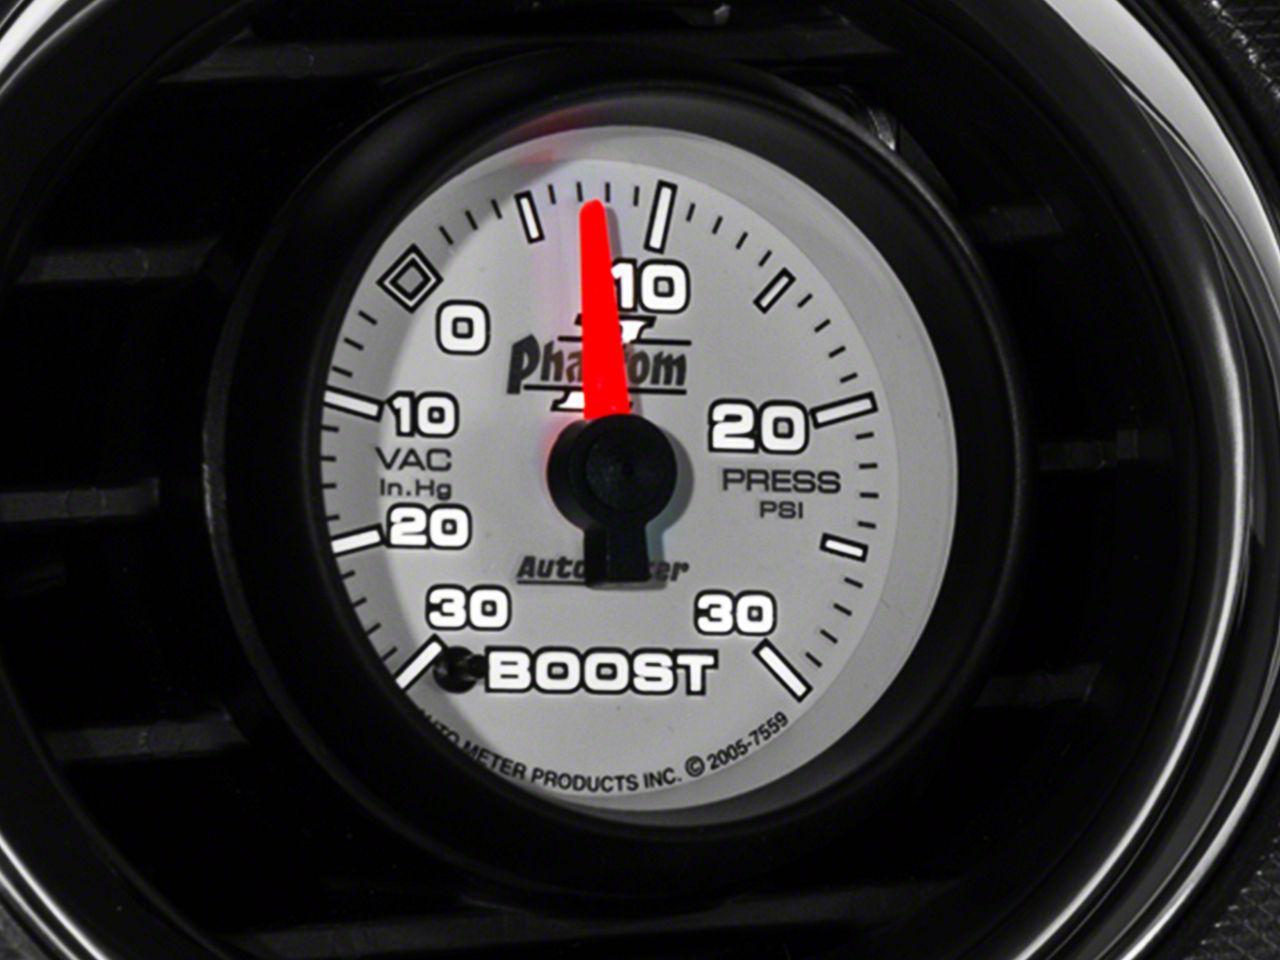 Auto Meter Phantom II 30 PSI Boost/Vac Gauge - Electrical (08-18 All)